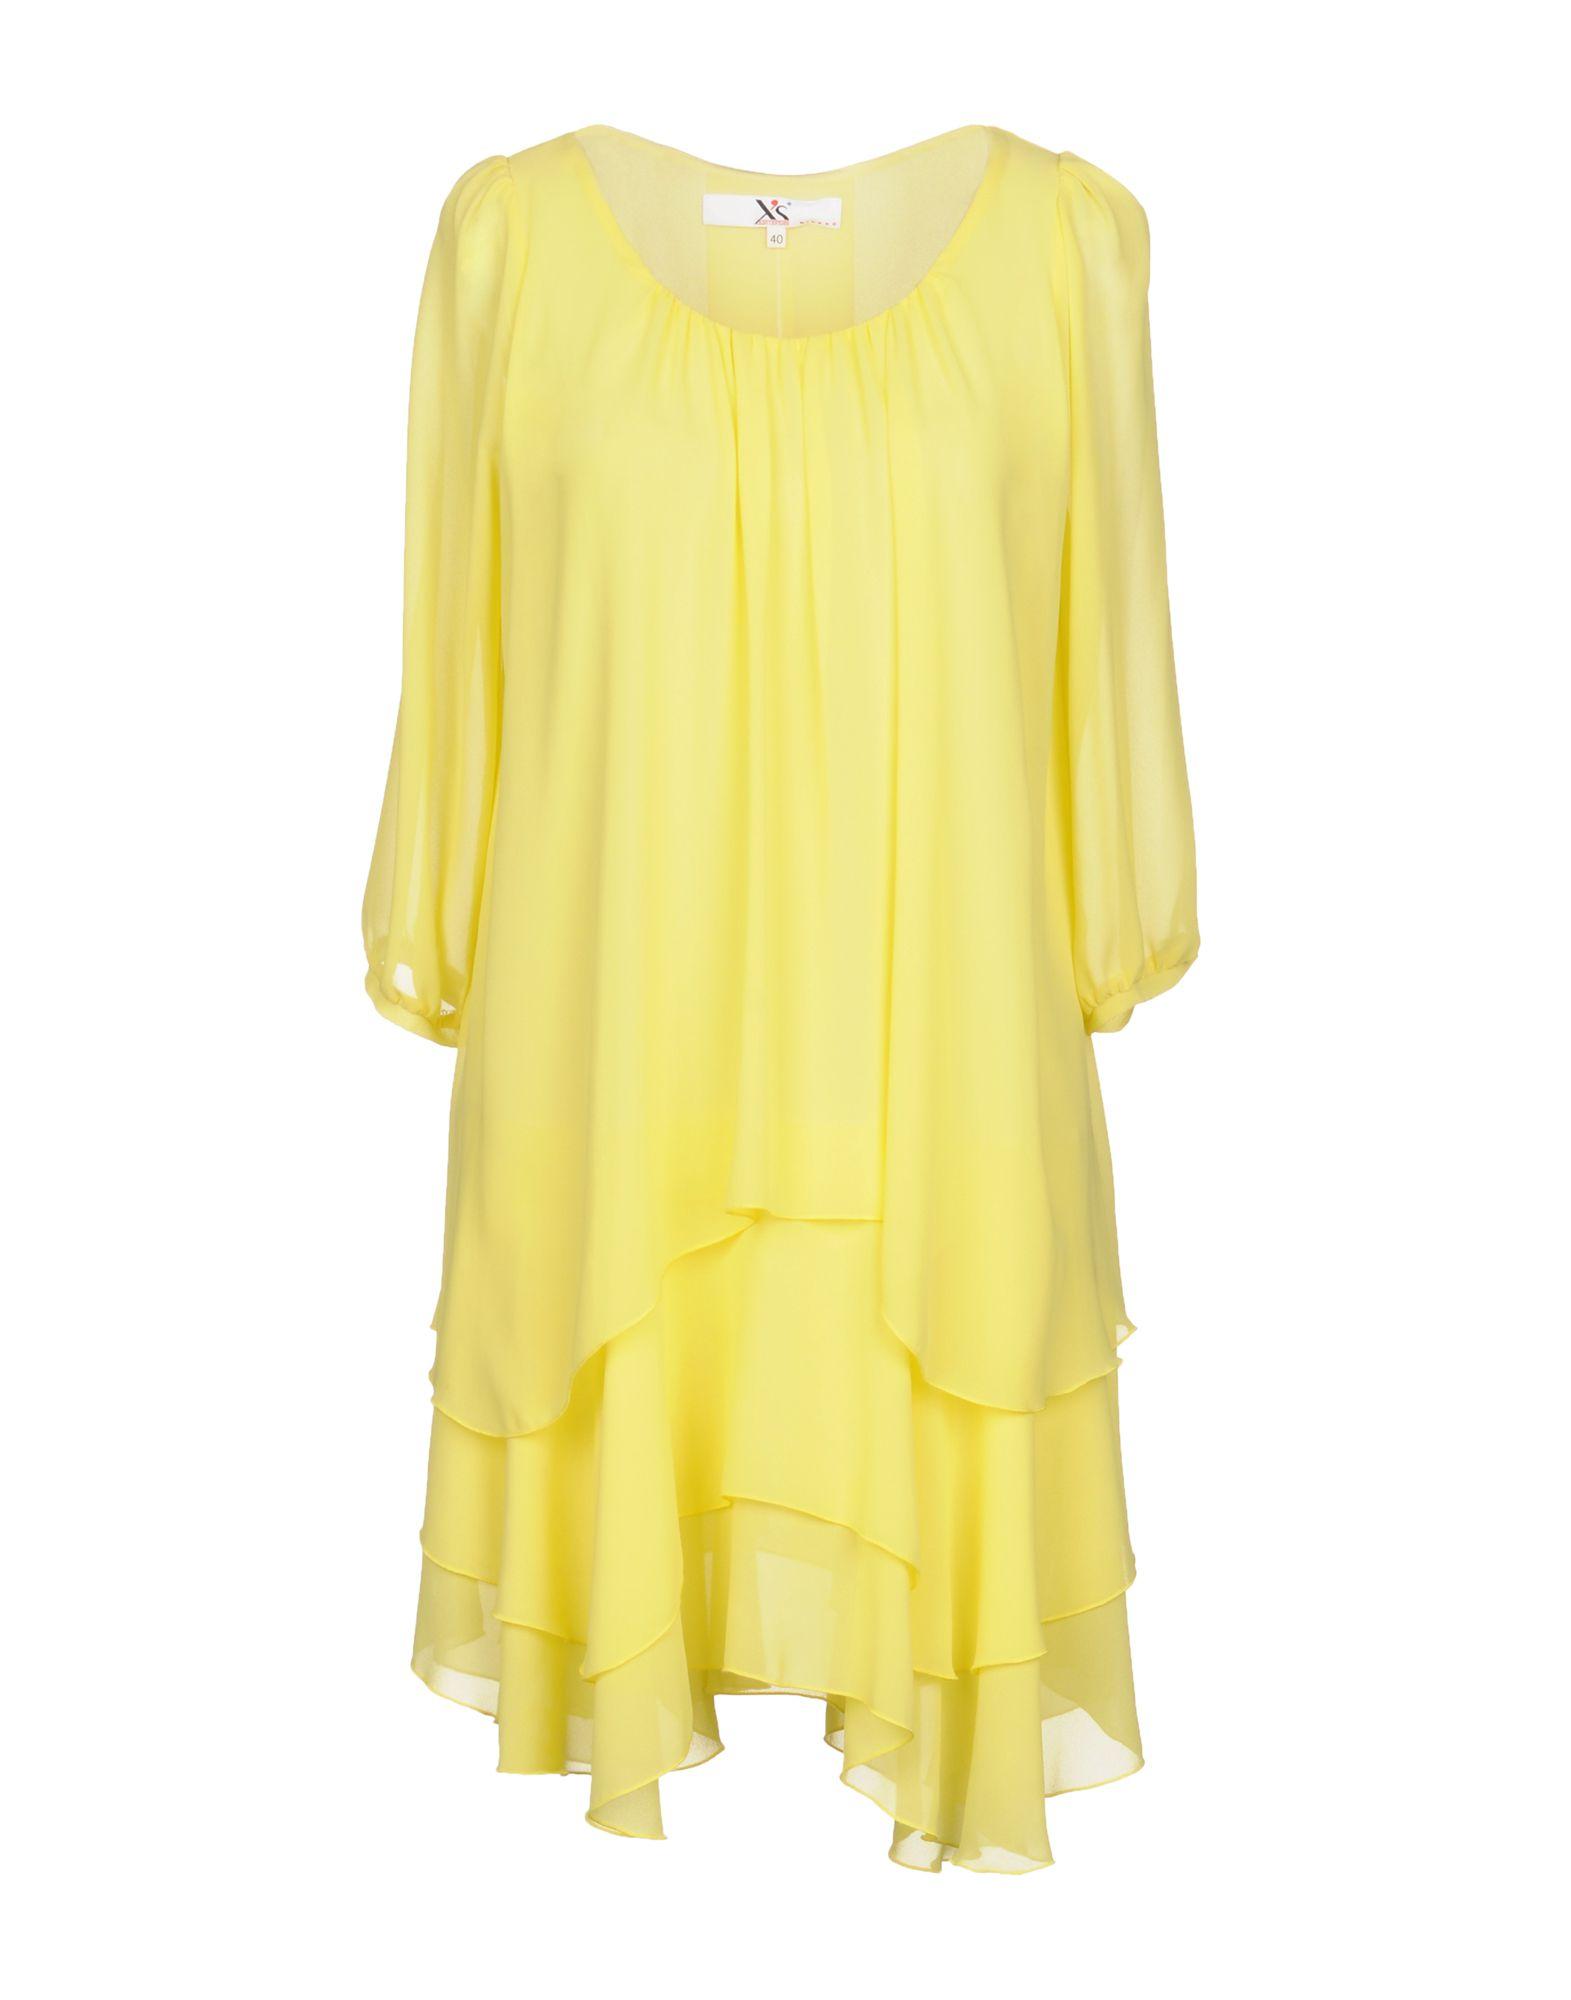 X'S MILANO Короткое платье все цены